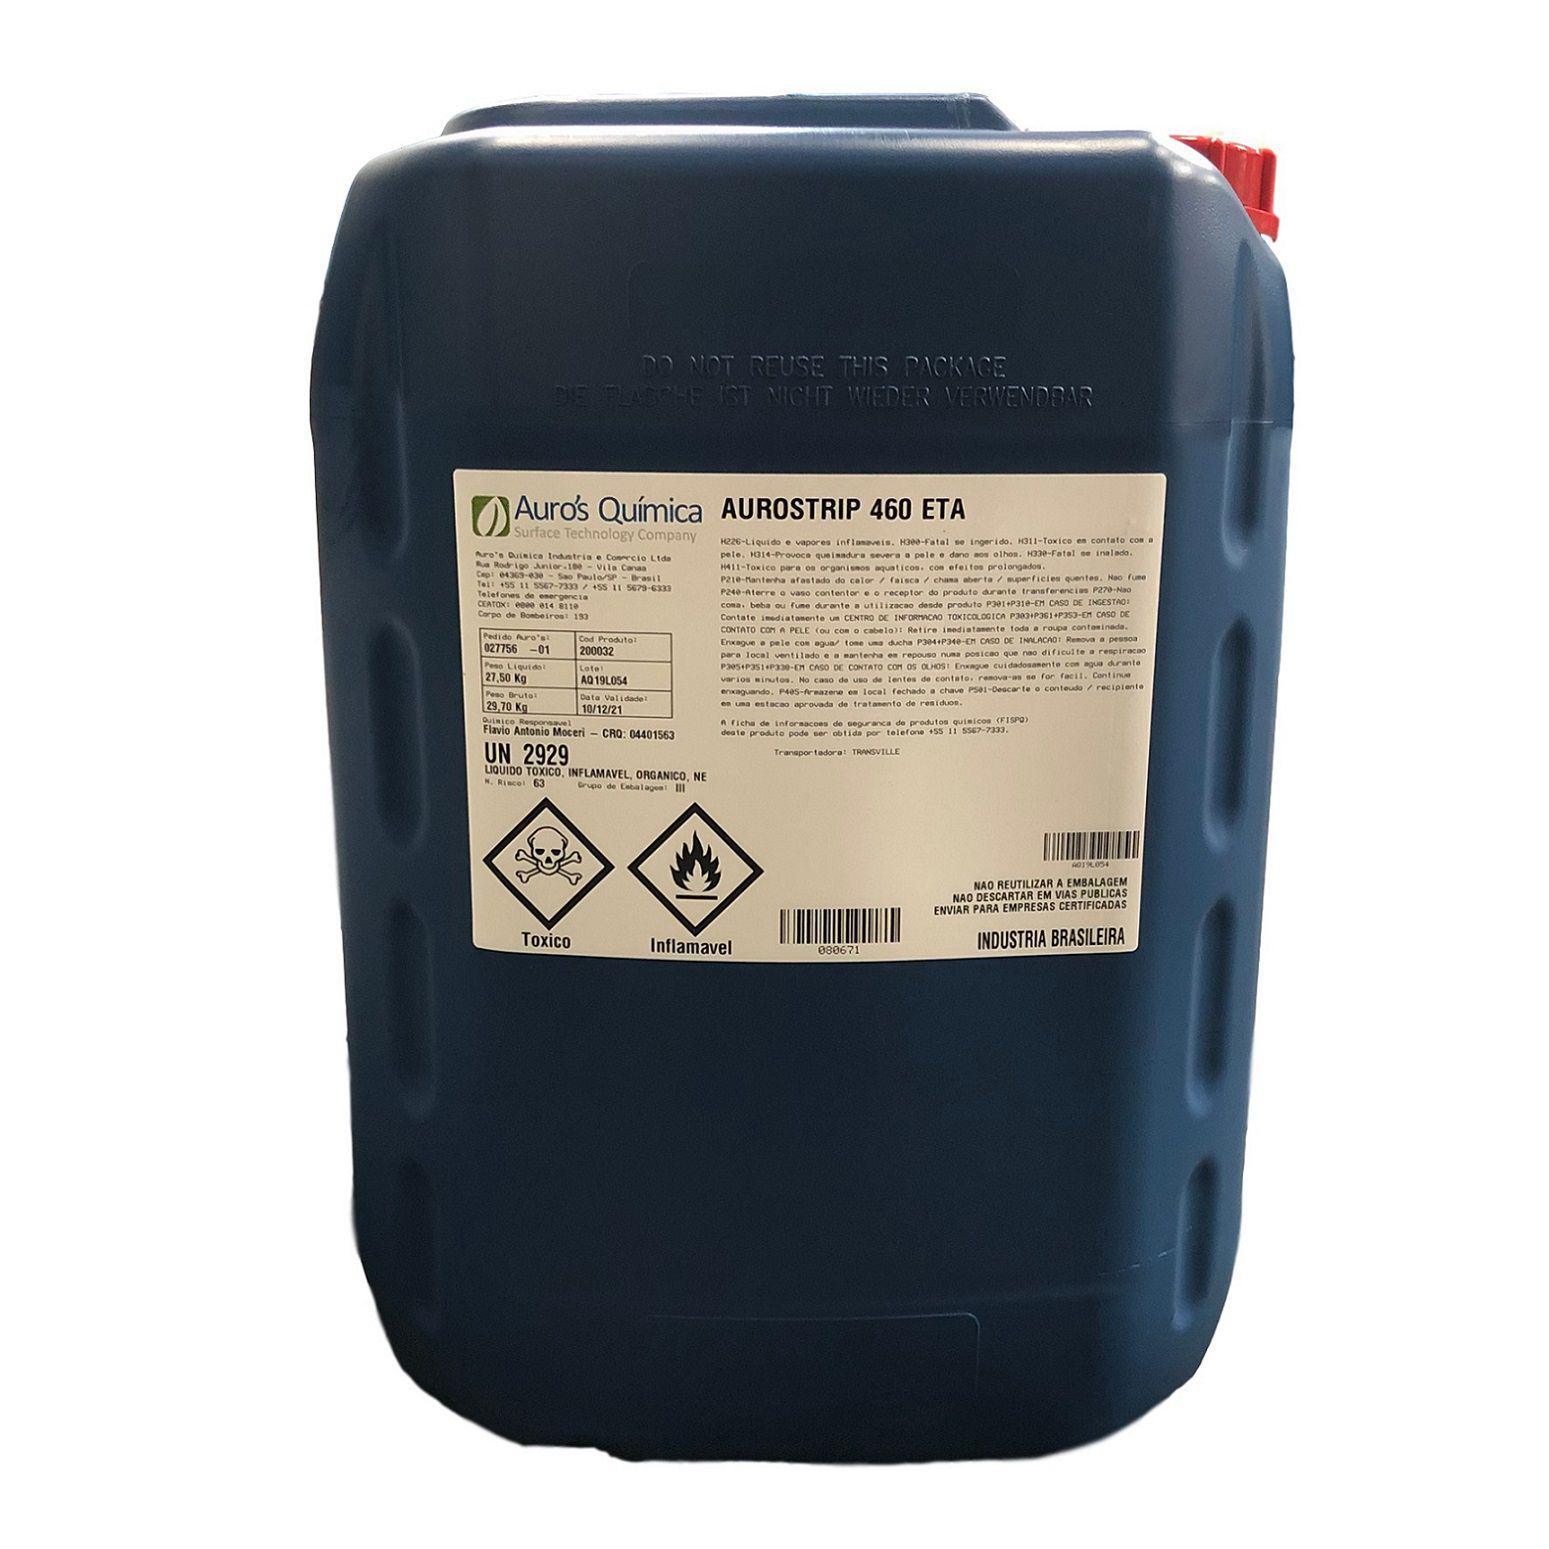 Cloreto de Metileno 60% (Etanol) - 25 Litros